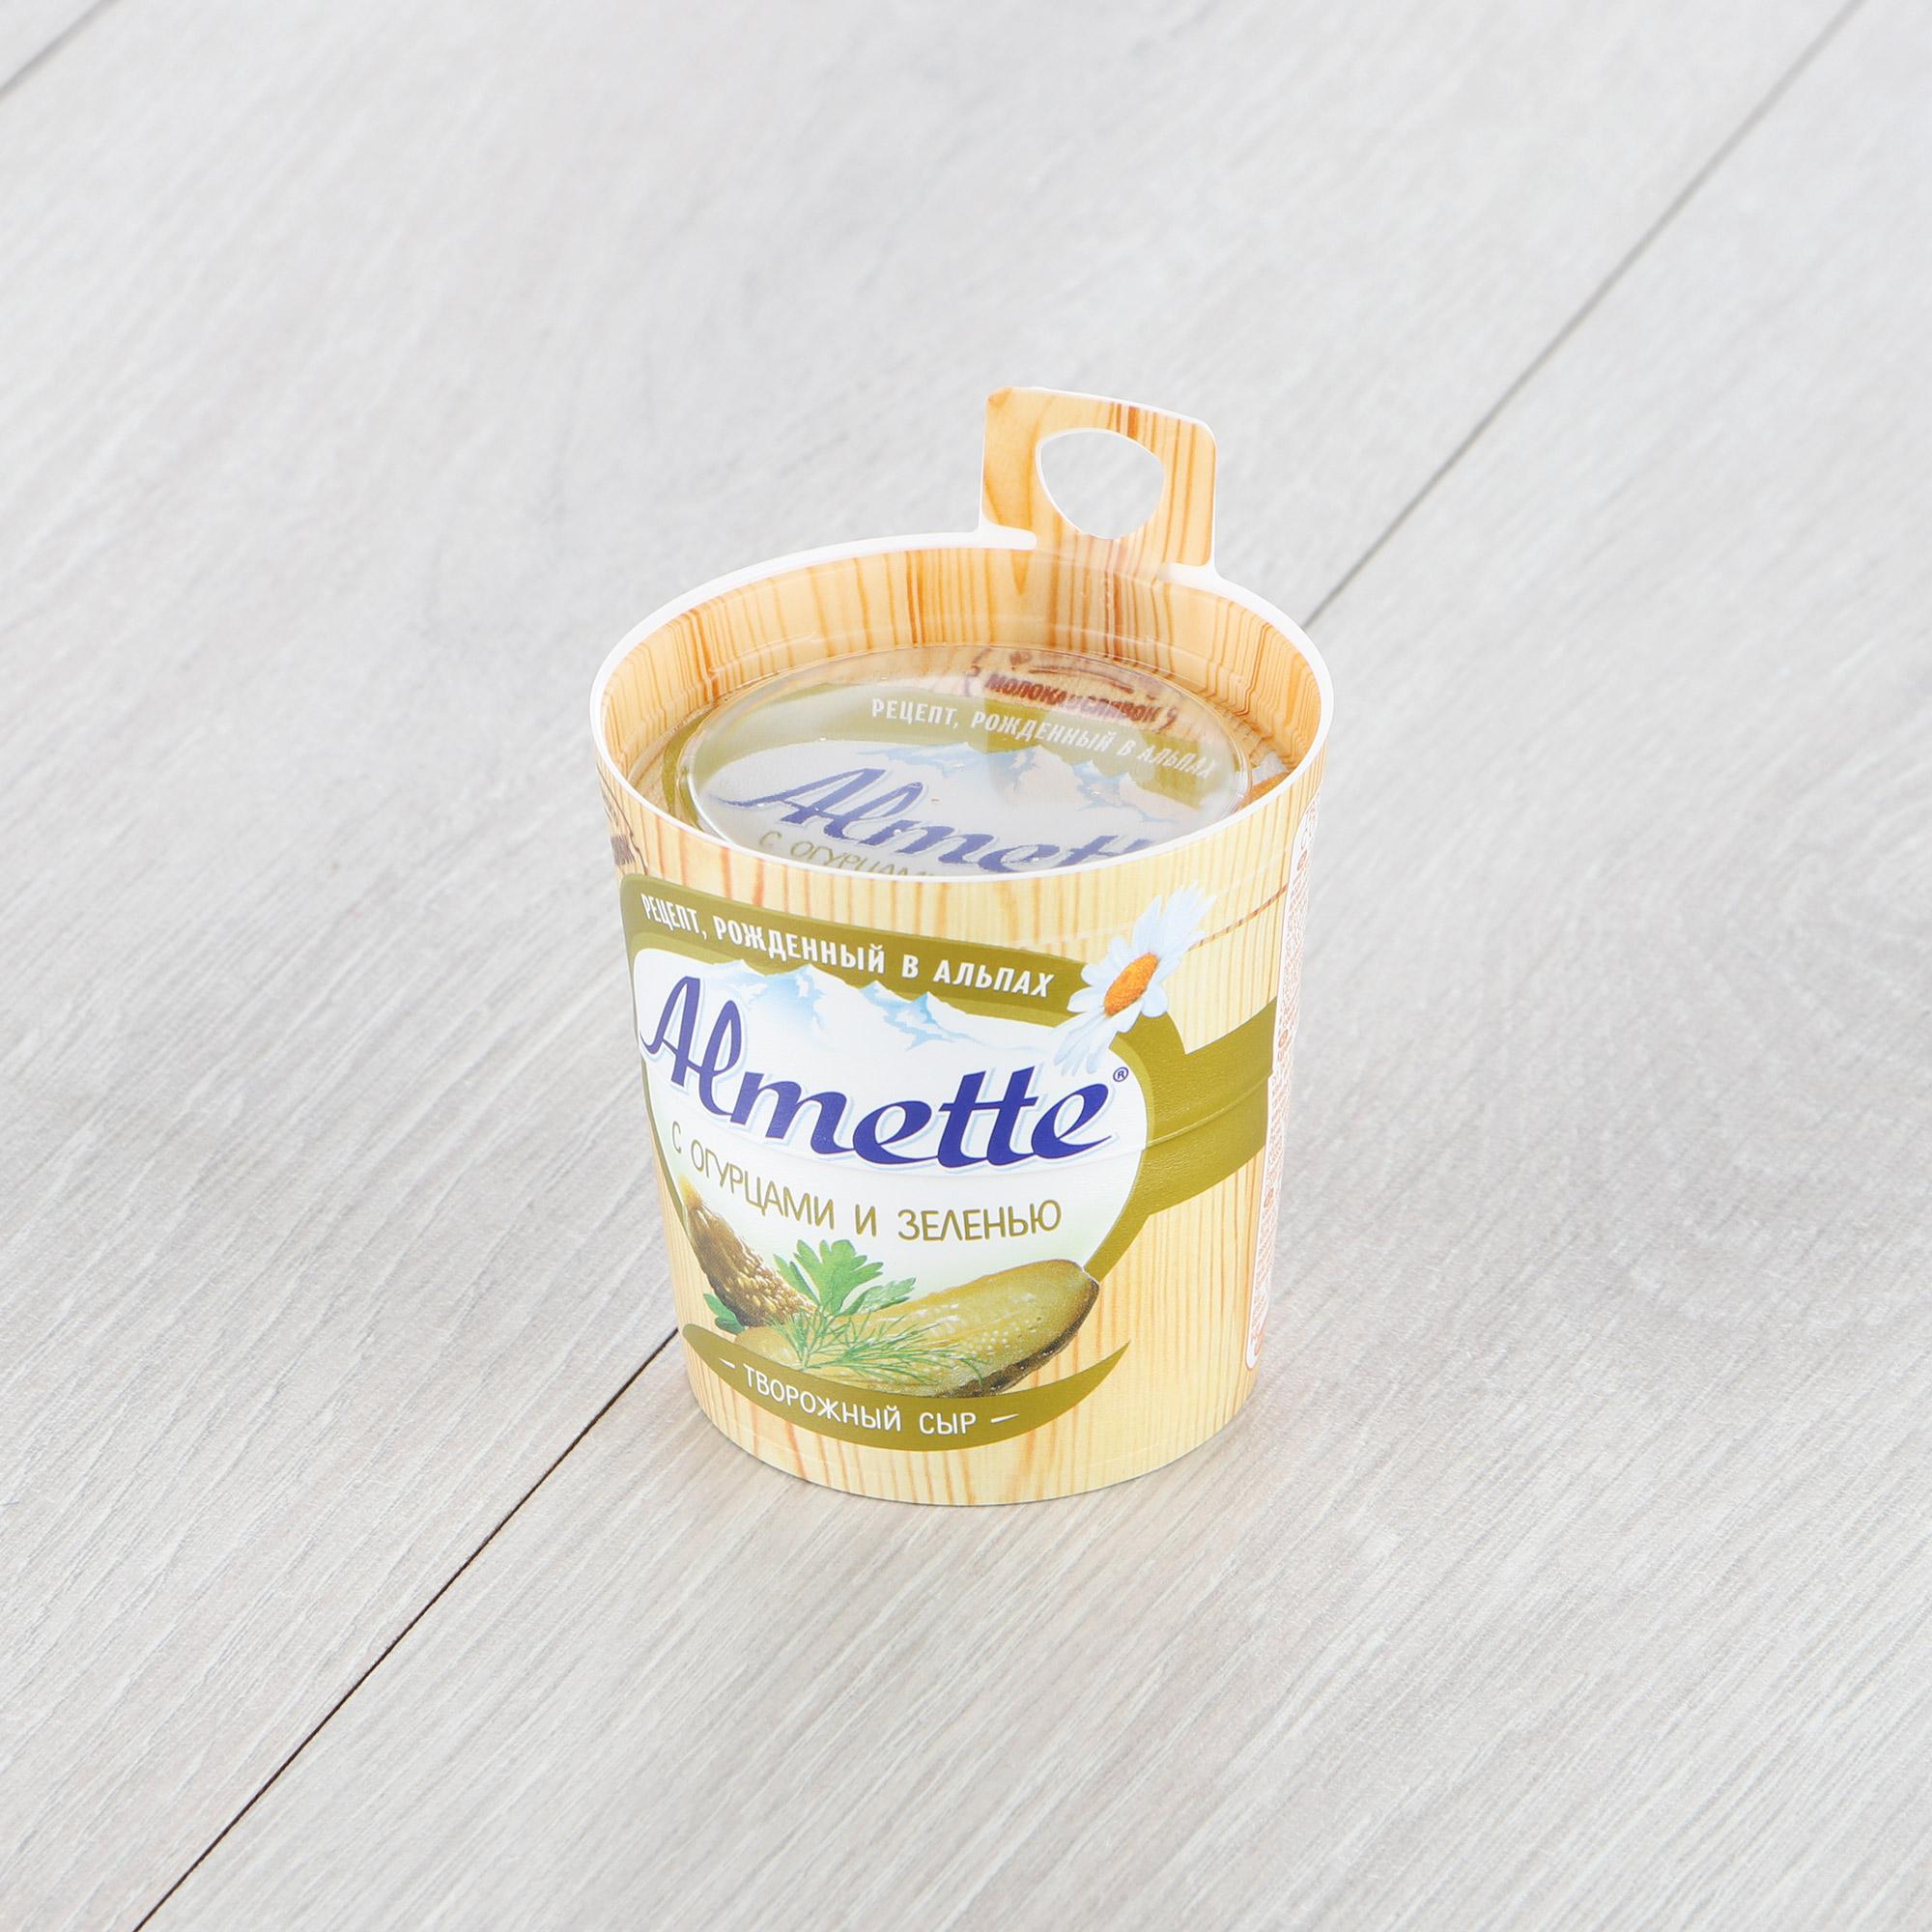 Сыр Almette творожный с огурцами и зеленью 60% 150 г недорого